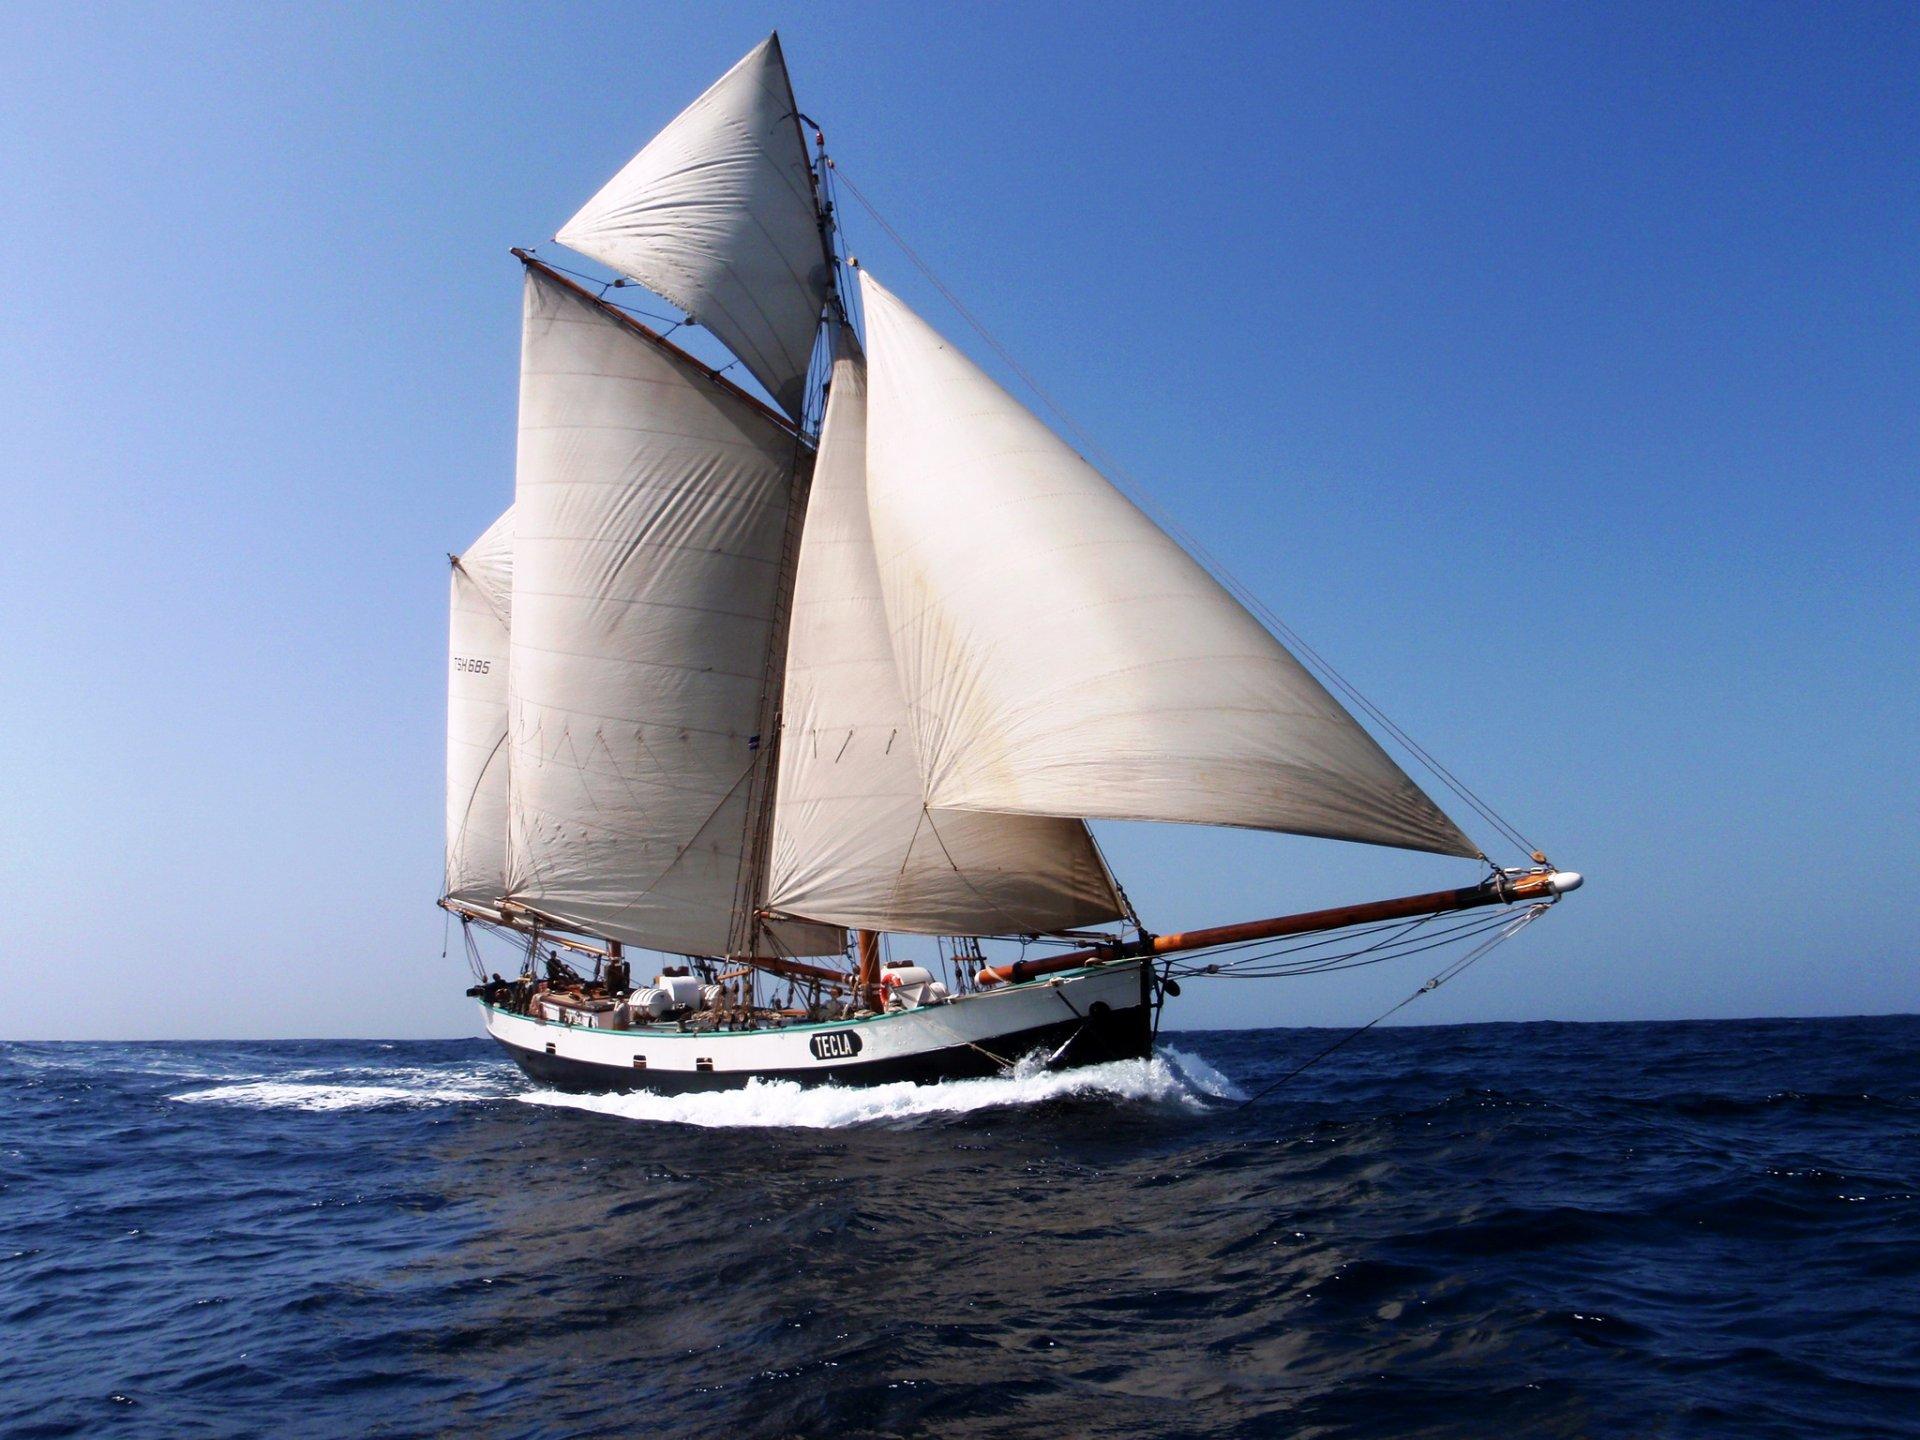 Бабулек приколы, парусники яхты картинки